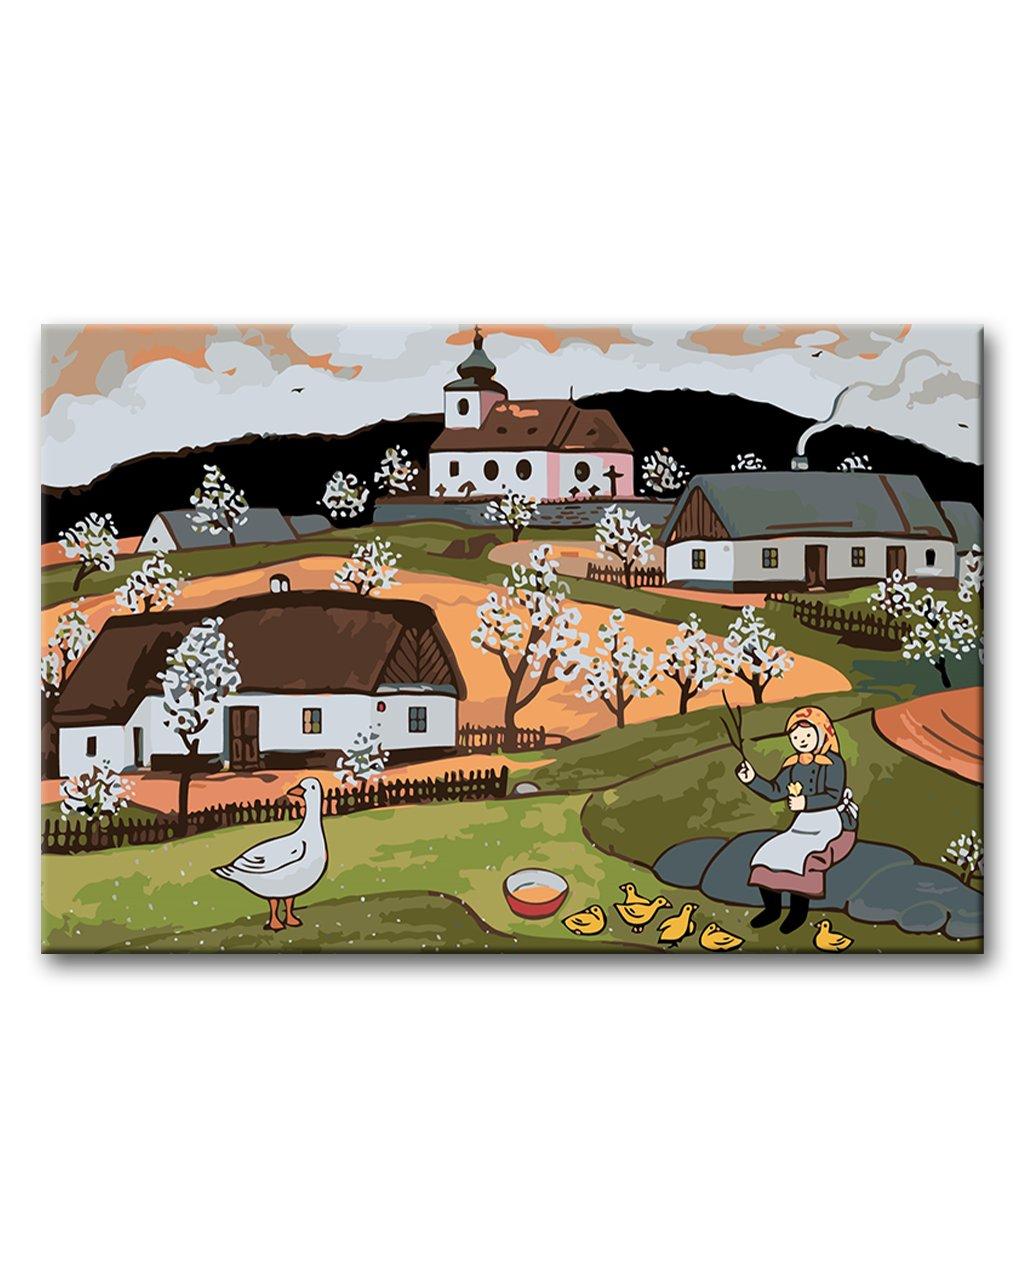 Maľovanie podľa čísel - JOSEF LADA - HÚSOPASKA